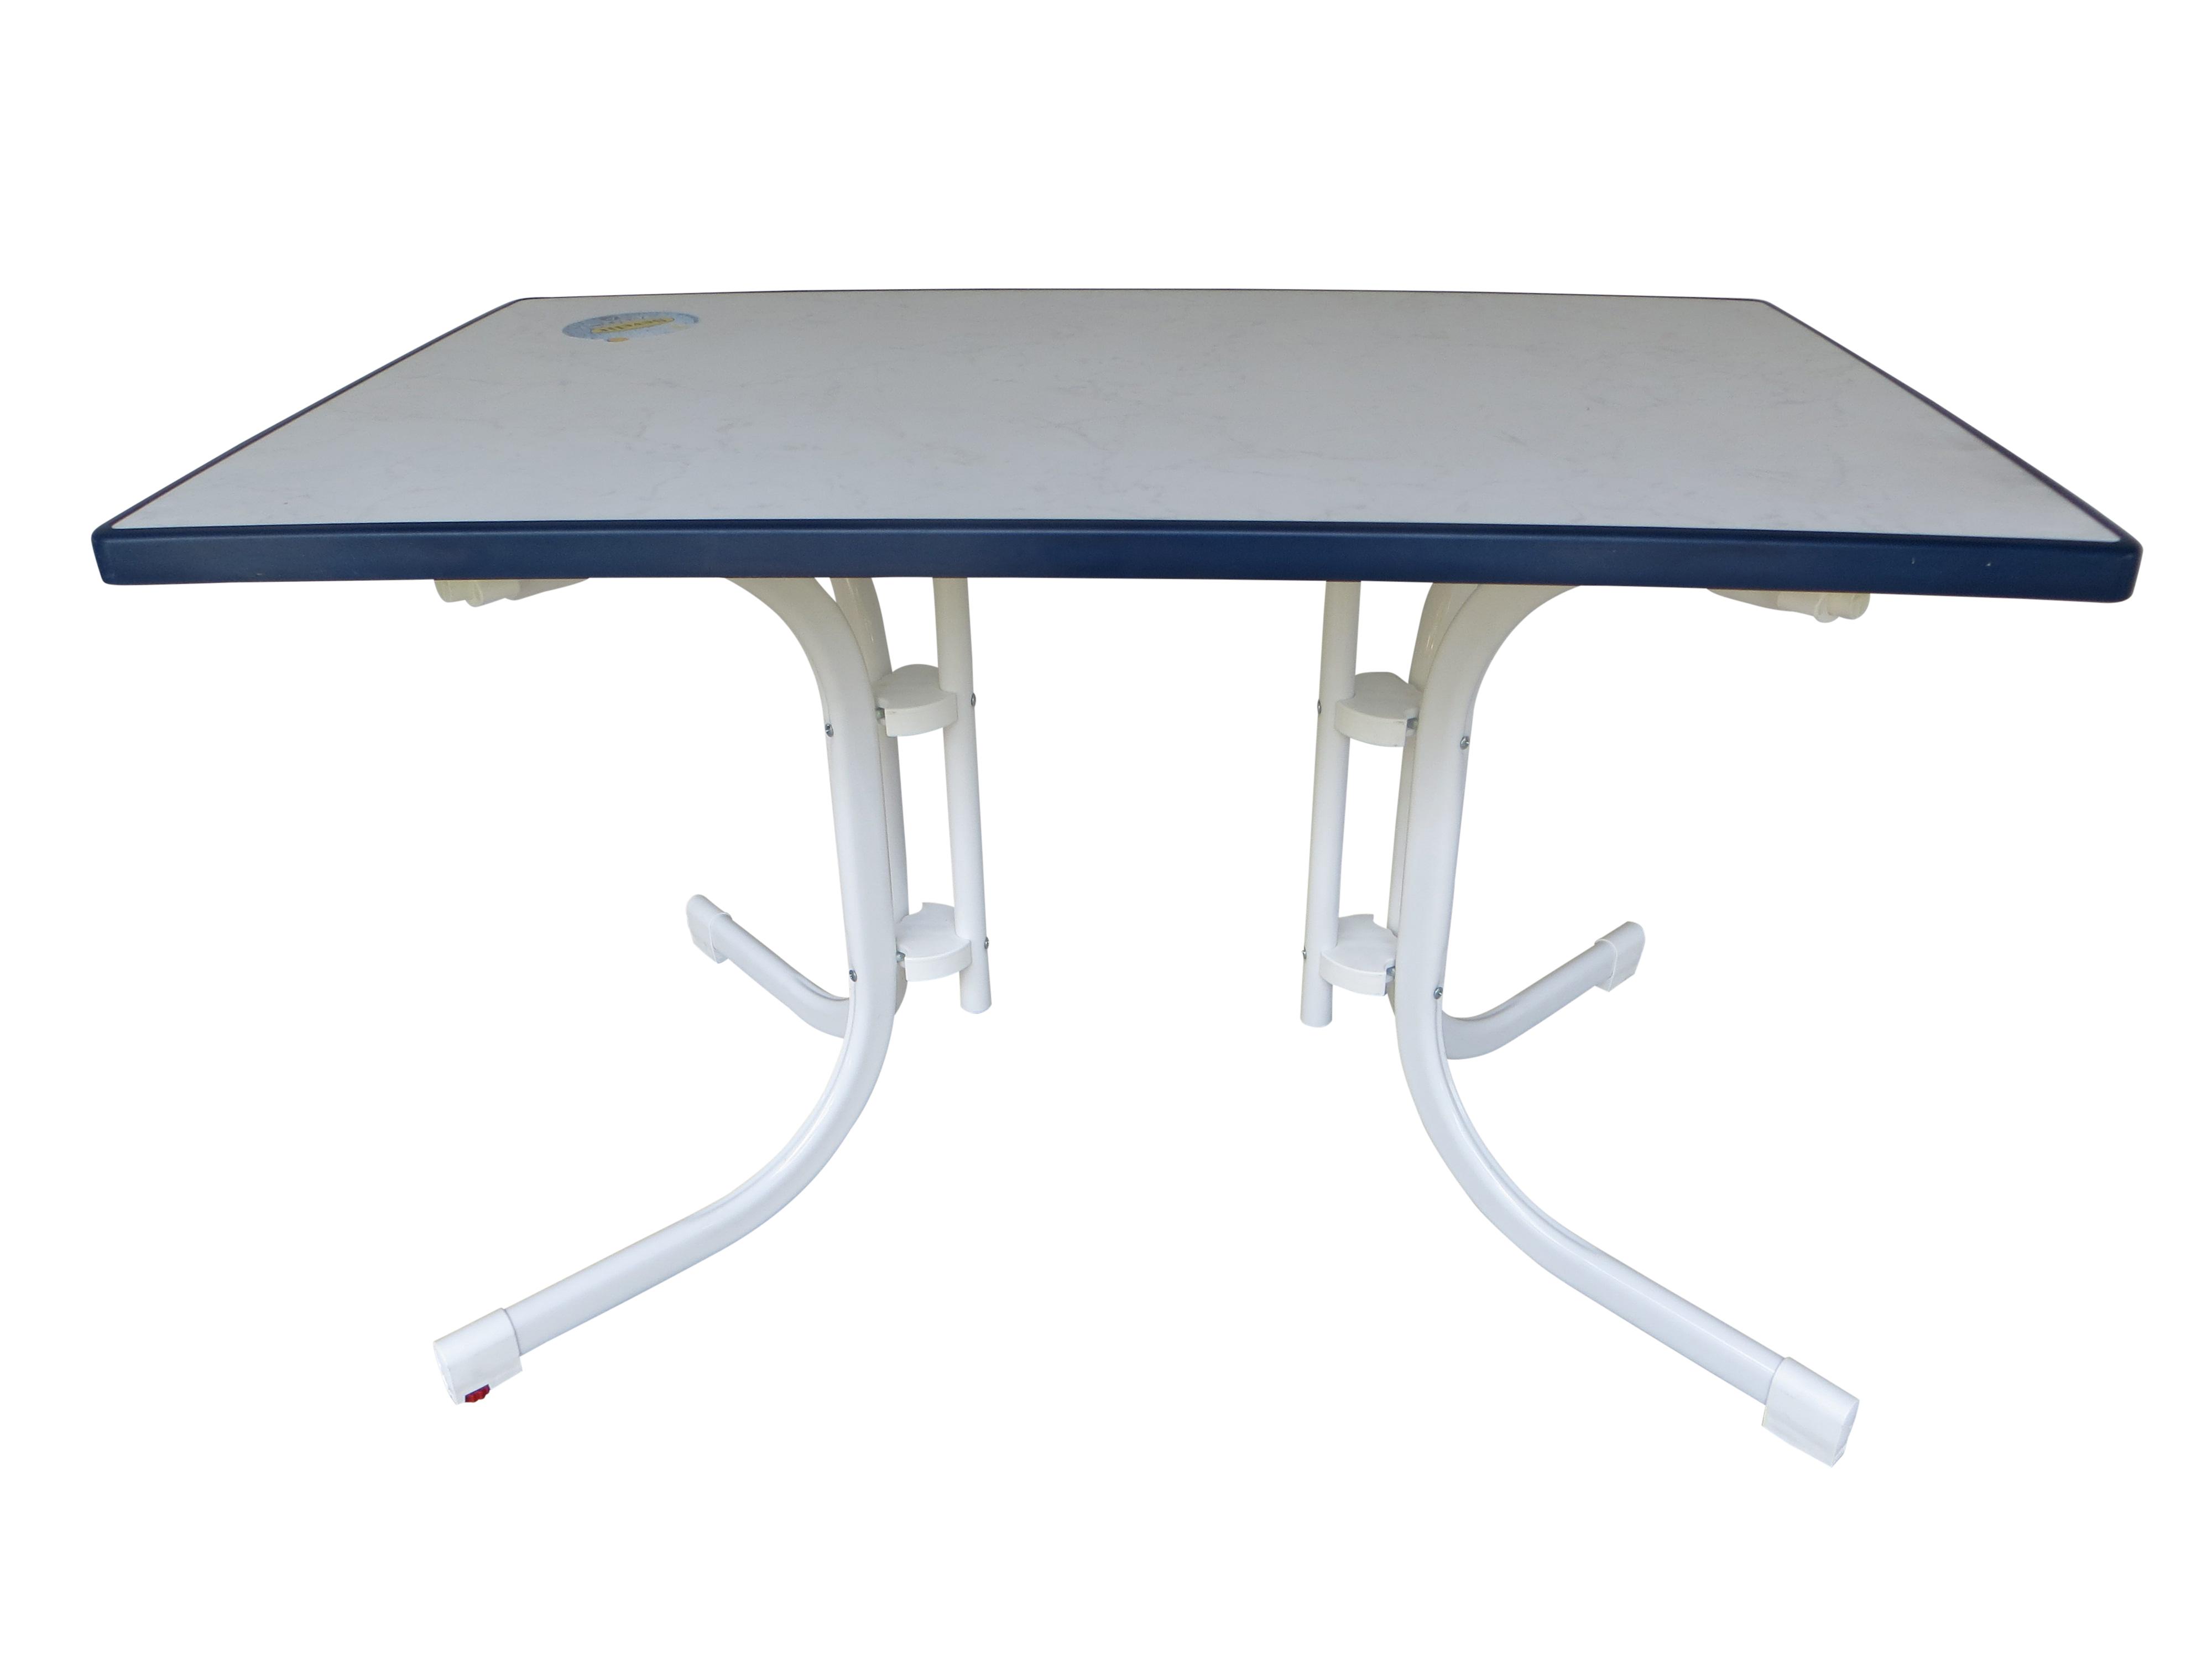 Klapptisch Gartentisch 115x70 Cm Balkontisch Weiss Blau 71